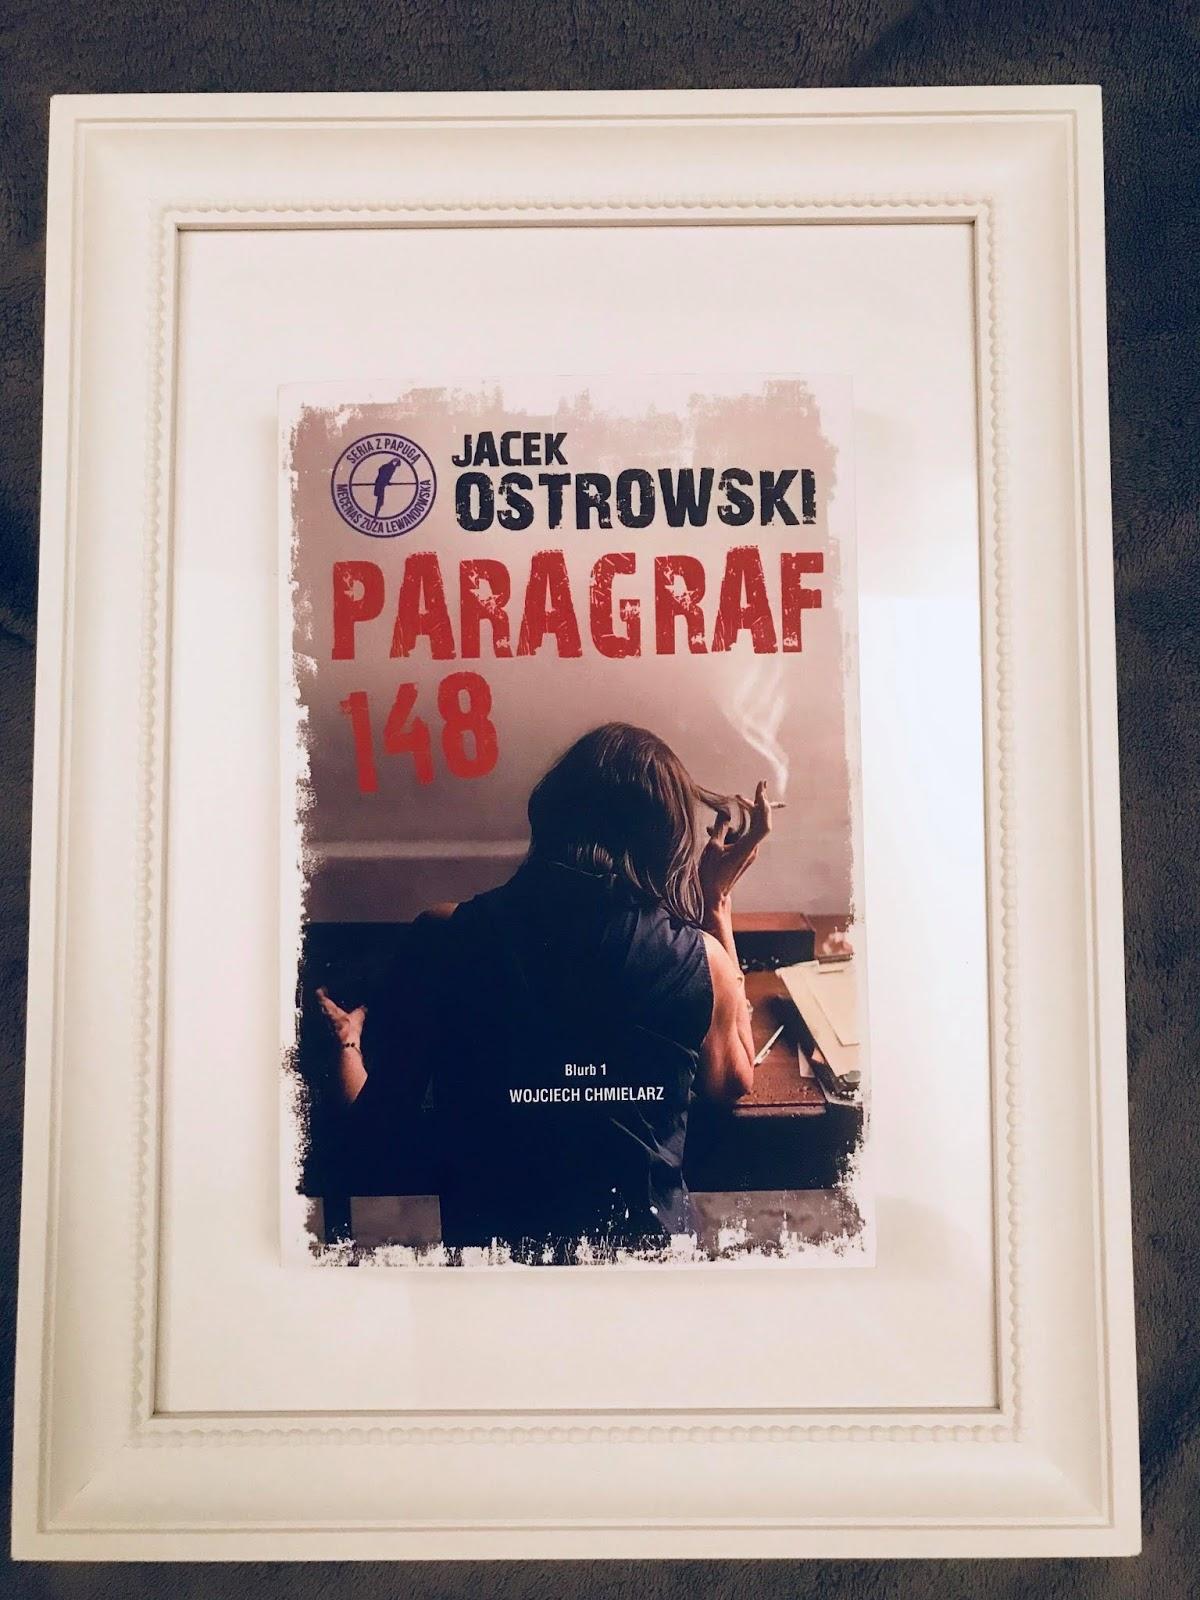 Jacek Ostrowski - Paragraf 148